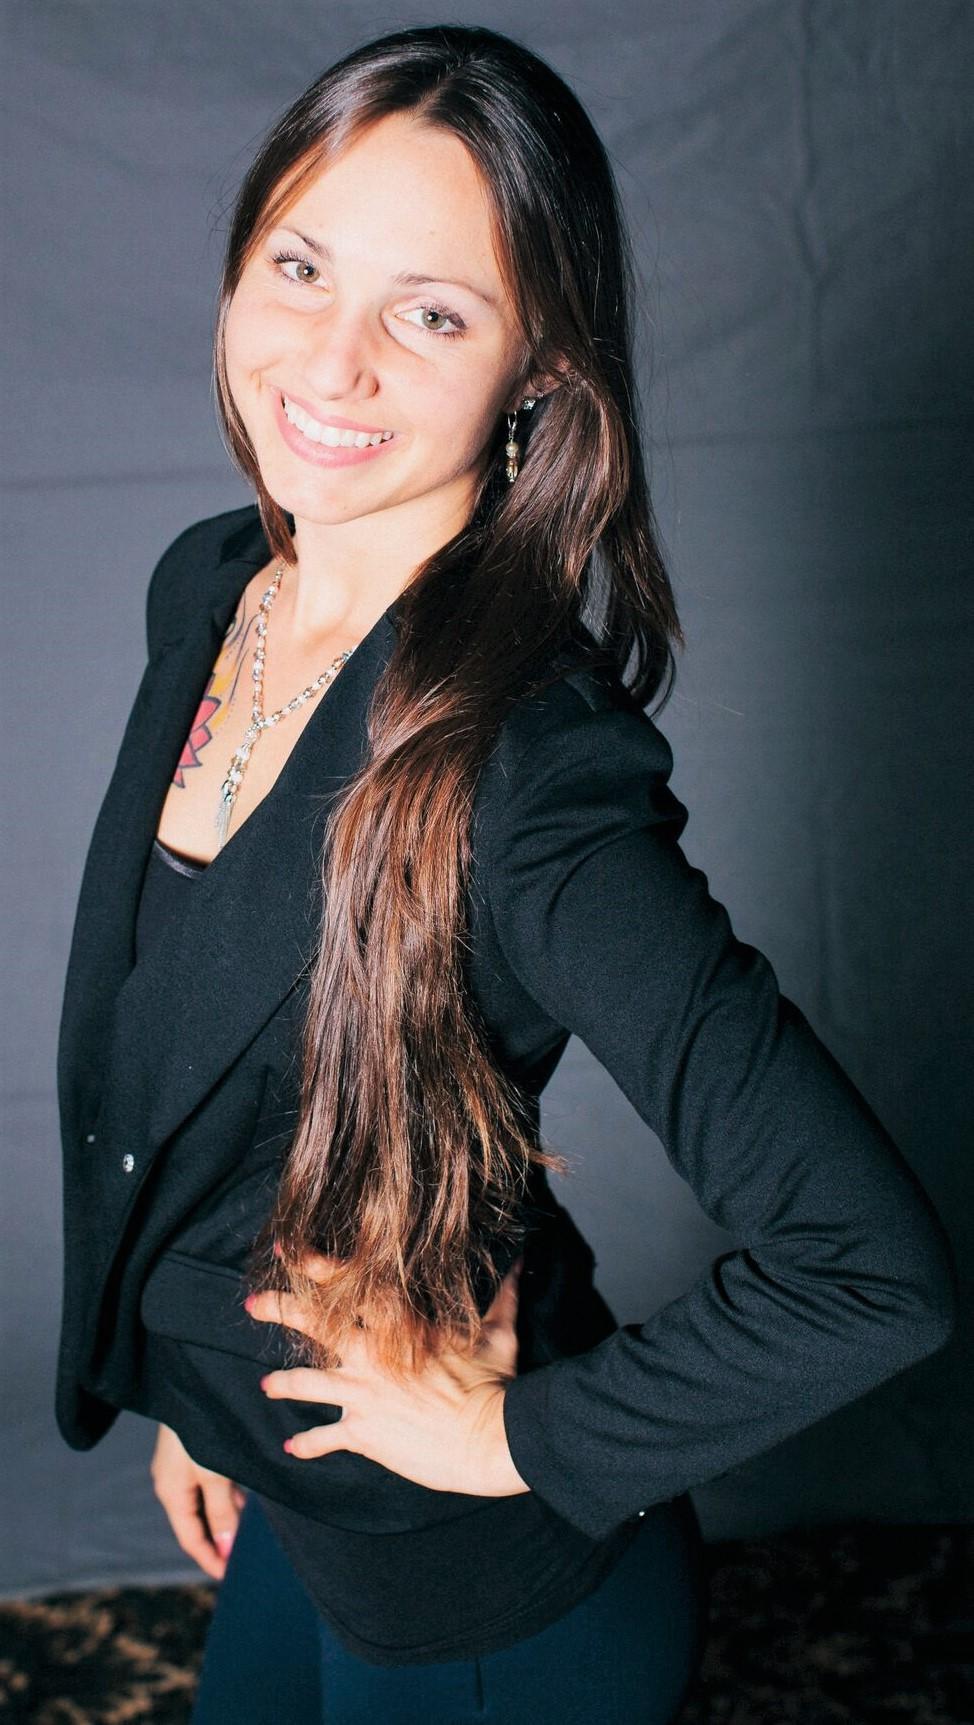 Heather Sprague